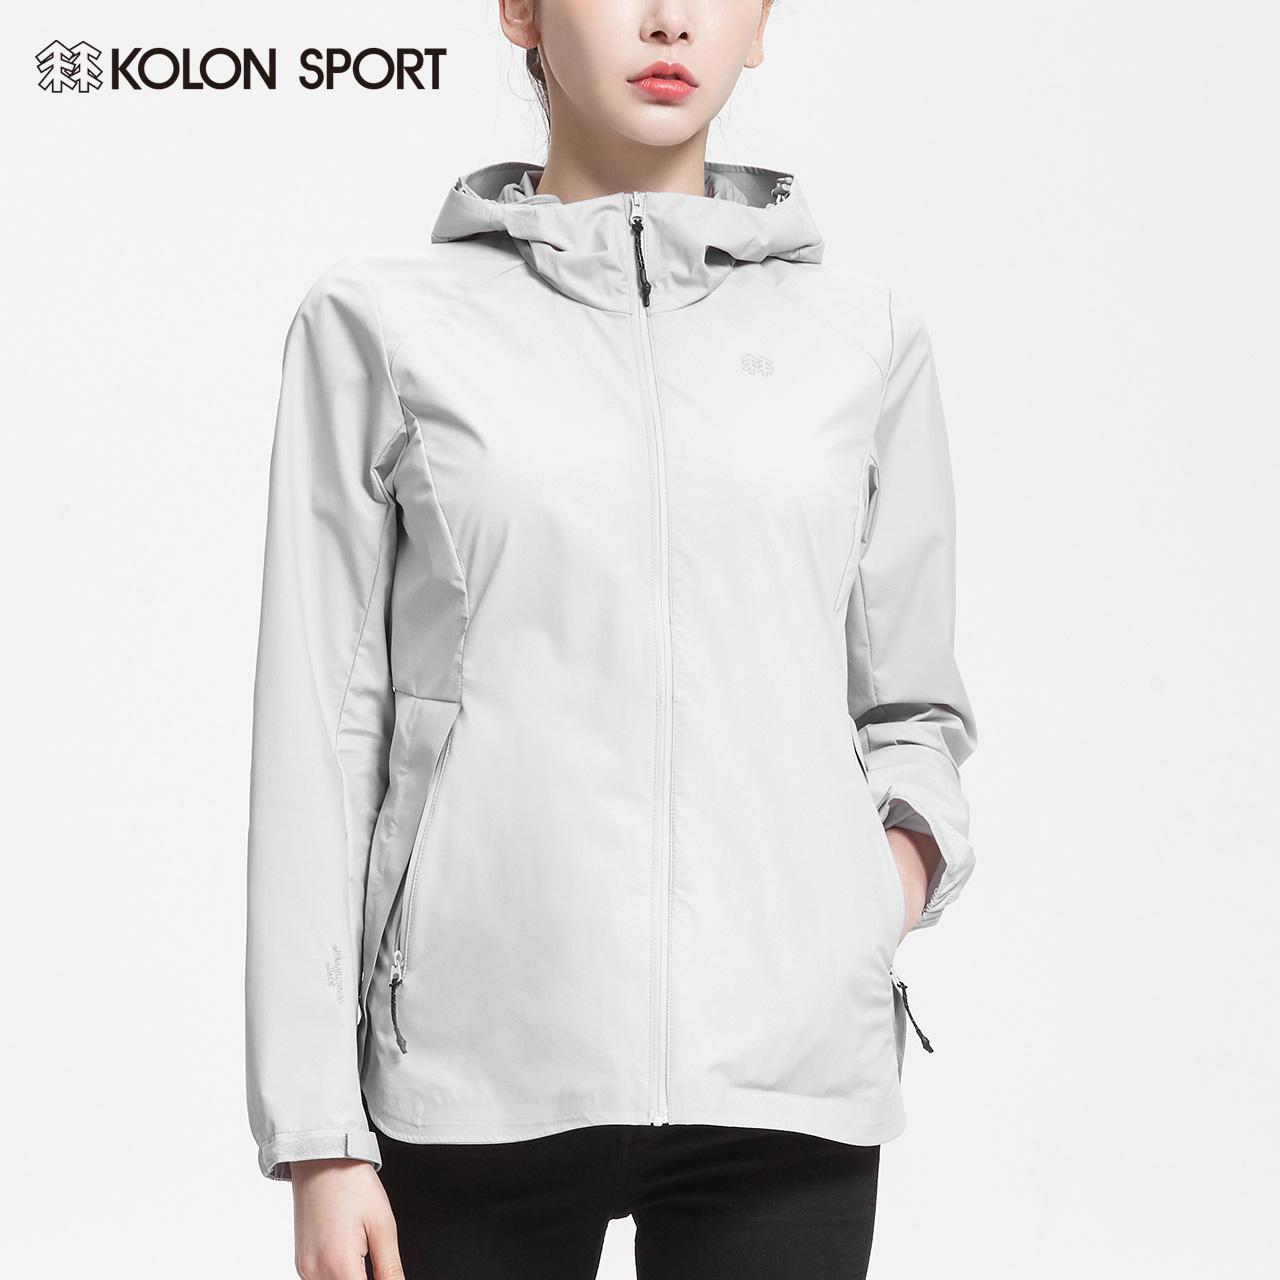 KOLONSPORT可隆女士潮牌冲锋衣 2018秋季新品防风防水透气冲锋衣